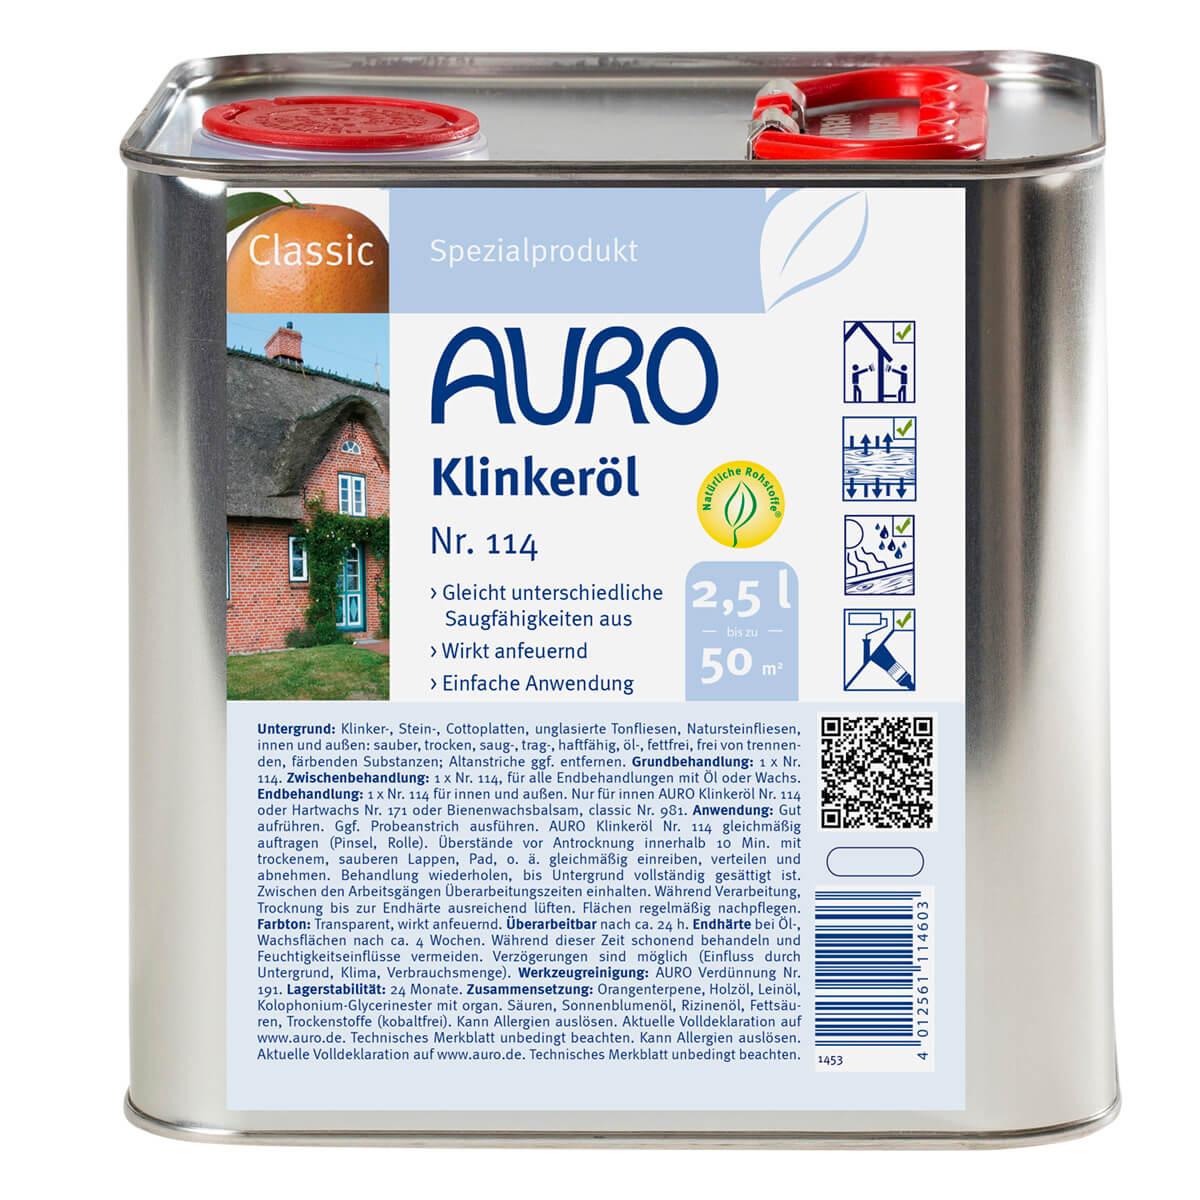 AURO Klinkeröl Nr. 114